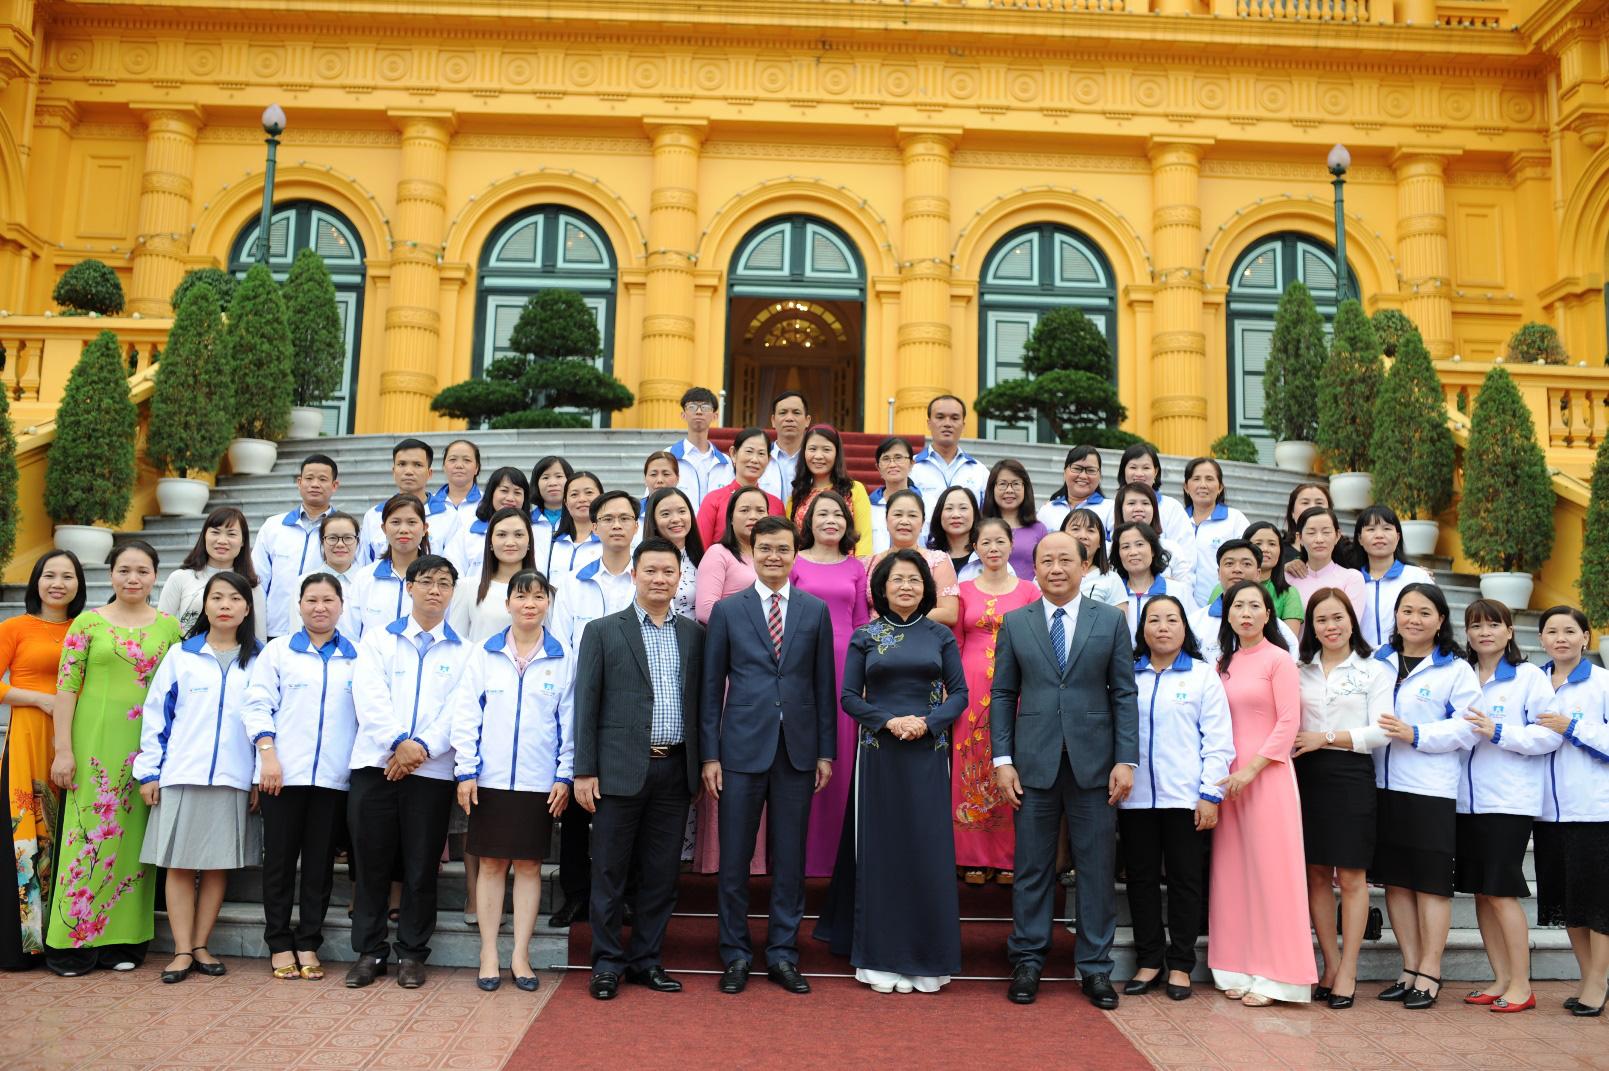 Thiên Long bày tỏ lòng biết ơn đến những người cống hiến cho giáo dục trong tháng 11 - Ảnh 1.